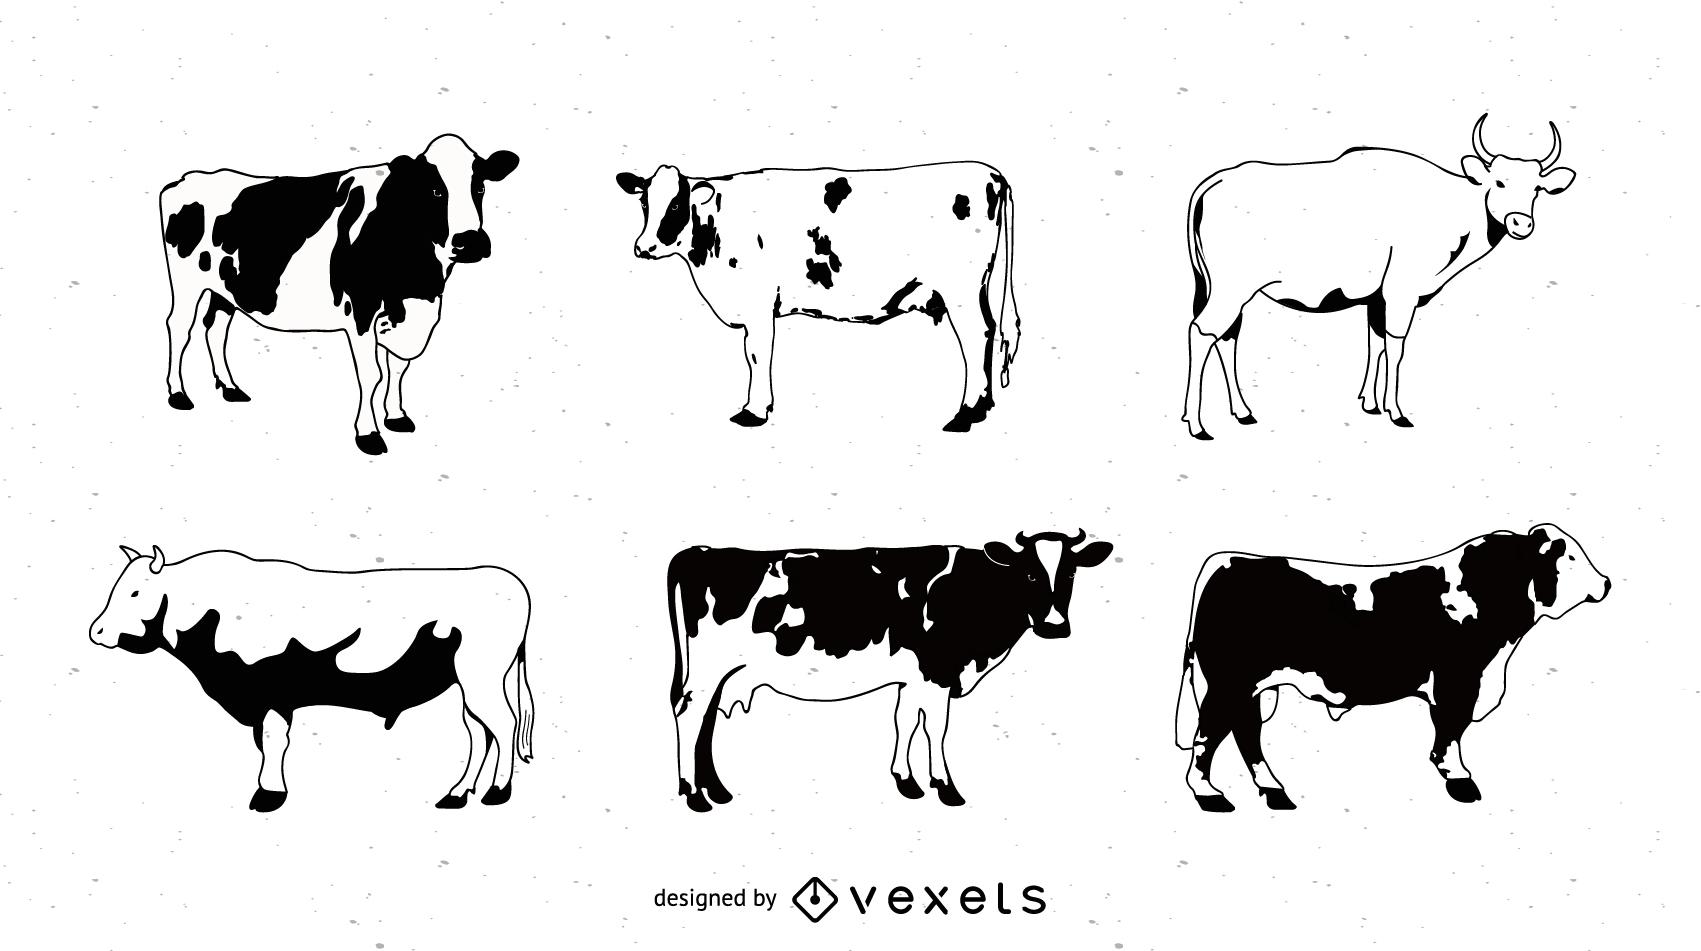 Serie de imágenes en blanco y negro de un vector de vaca pintada